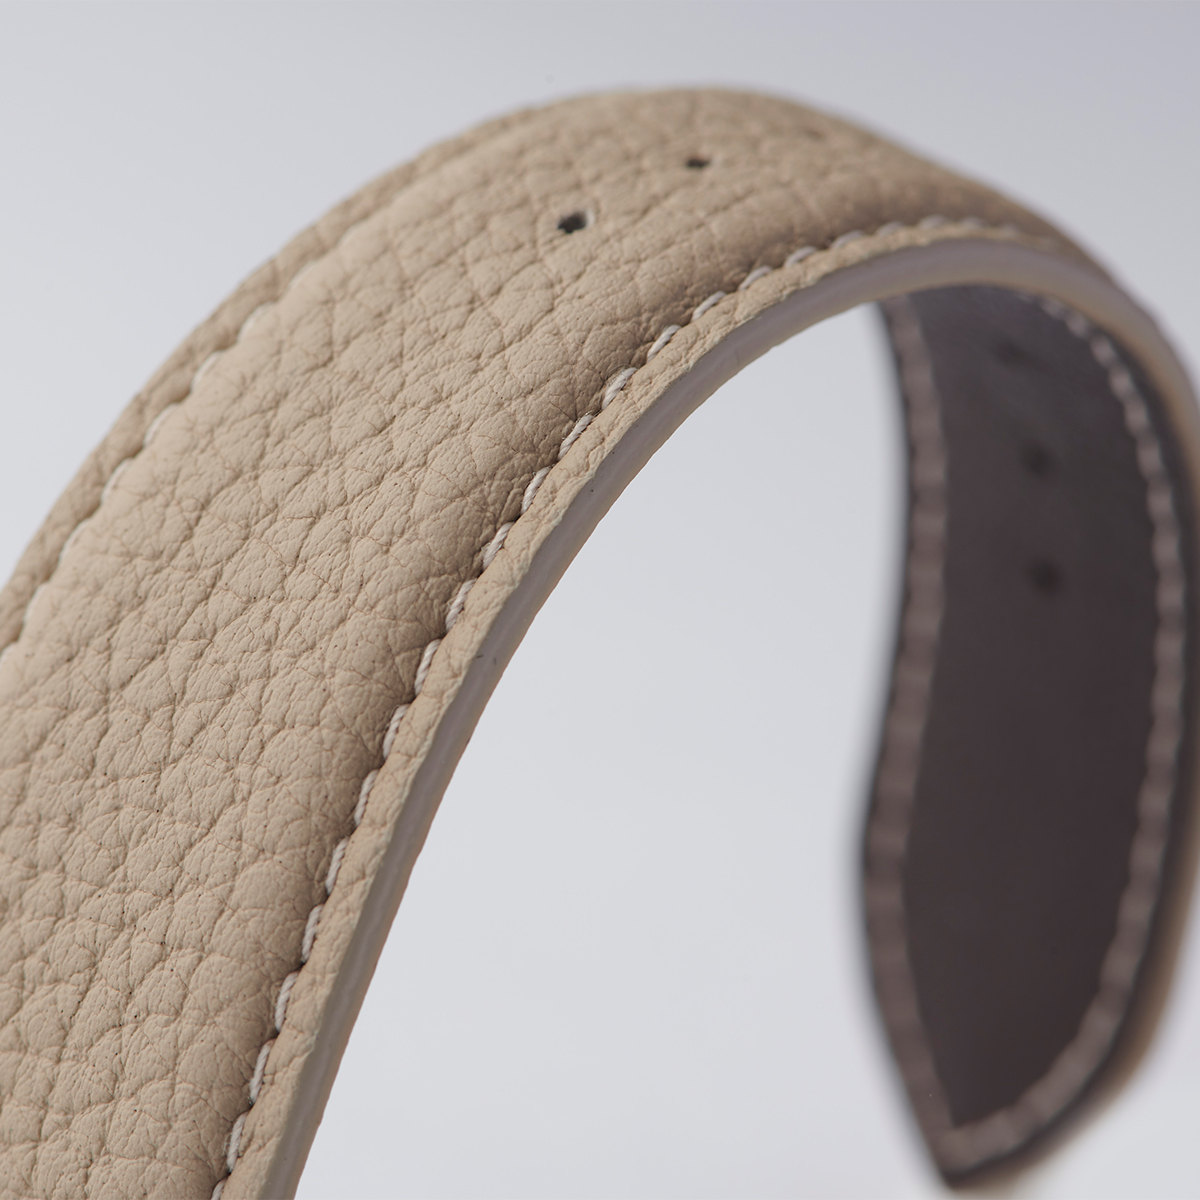 独特の風合いともっちりふっくらとした手触りの『ペリンガー社』のシュランケンカーフを使用した「Apple Watchバンド」|EPONAS(エポナス)